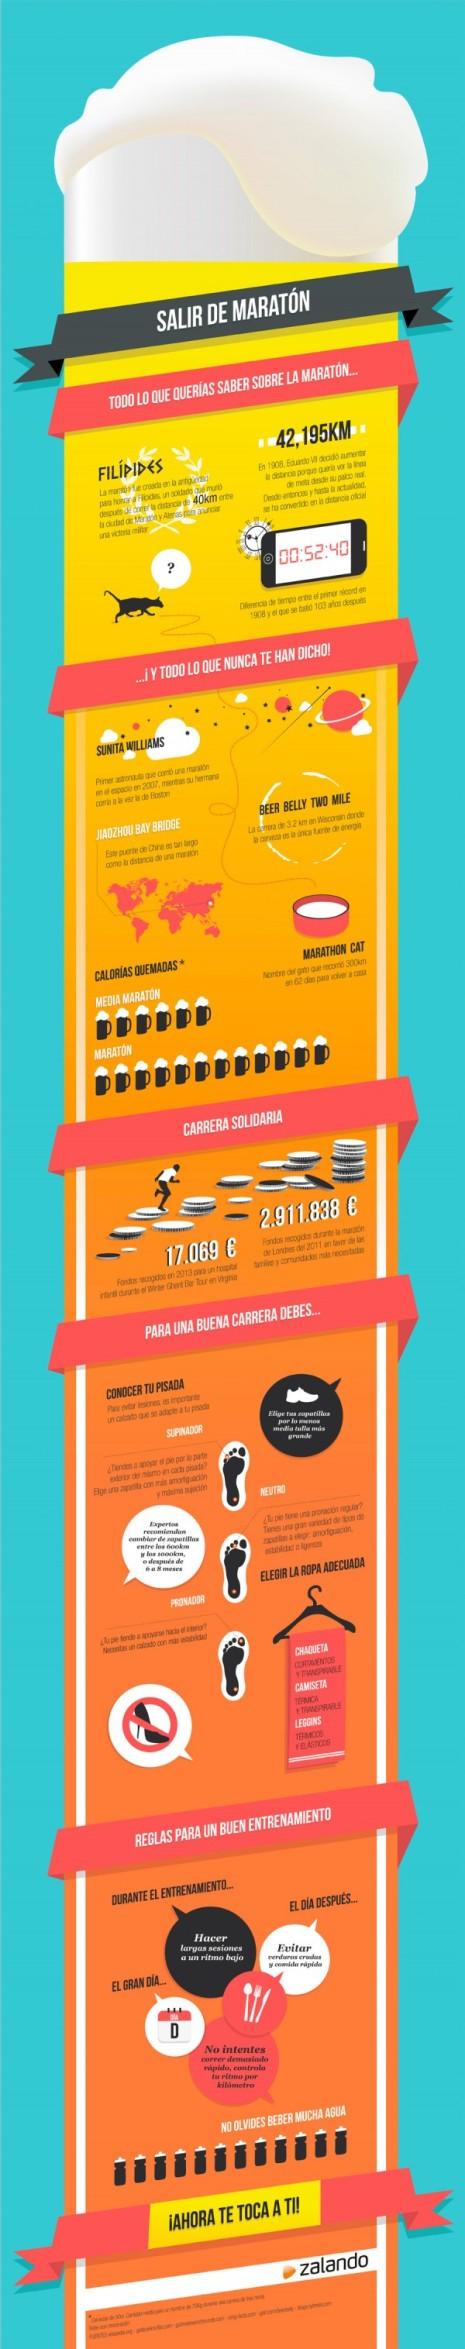 ES_IG_salir_de_maraton